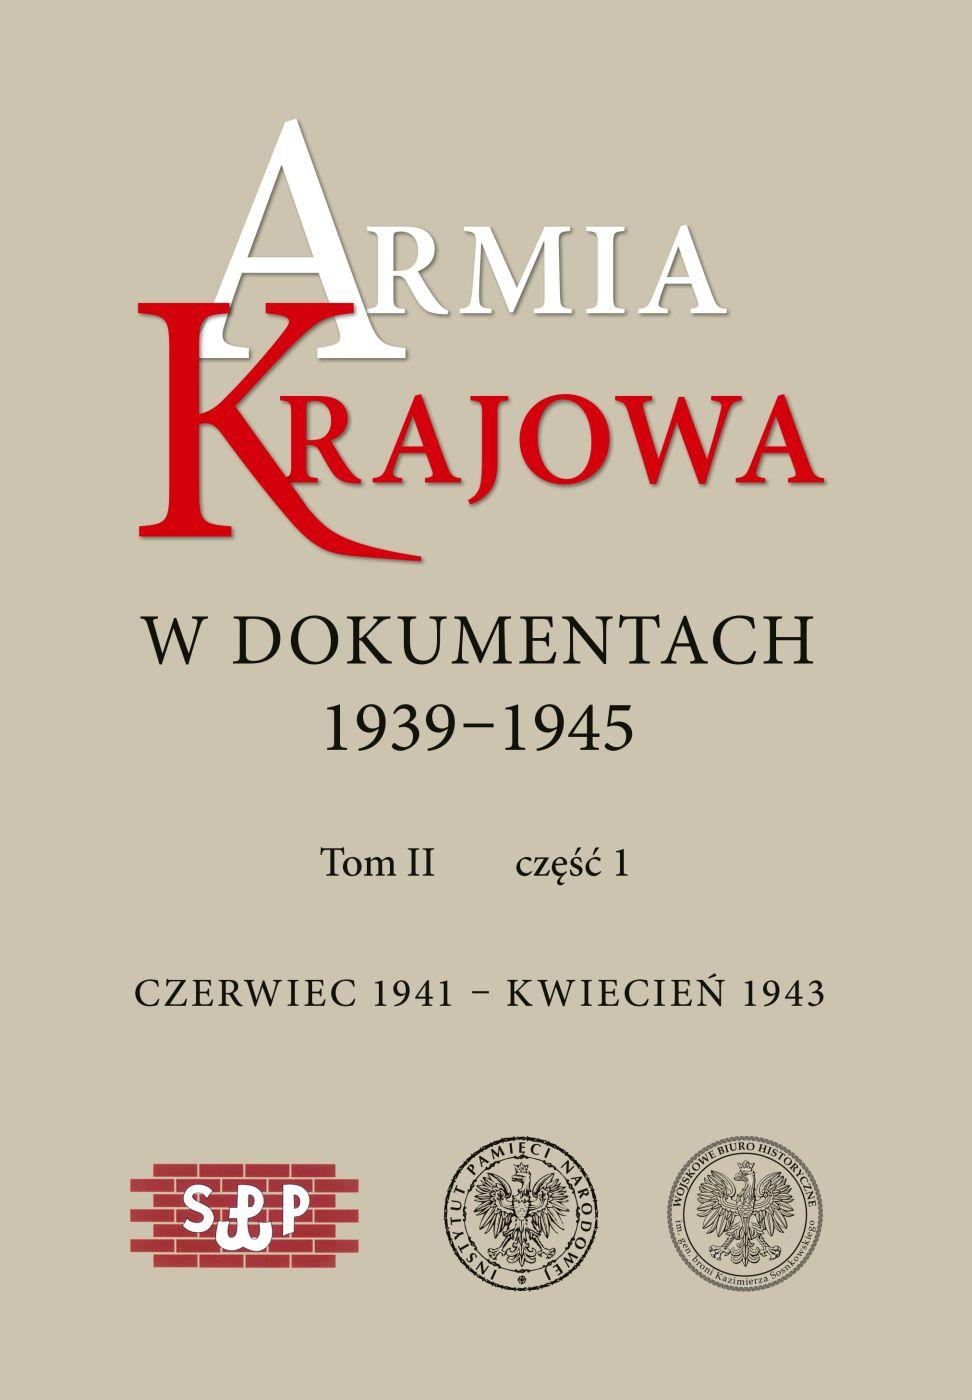 Armia Krajowa w dokumentach 1939-1945 T.2 cz.1/2 (IPN)